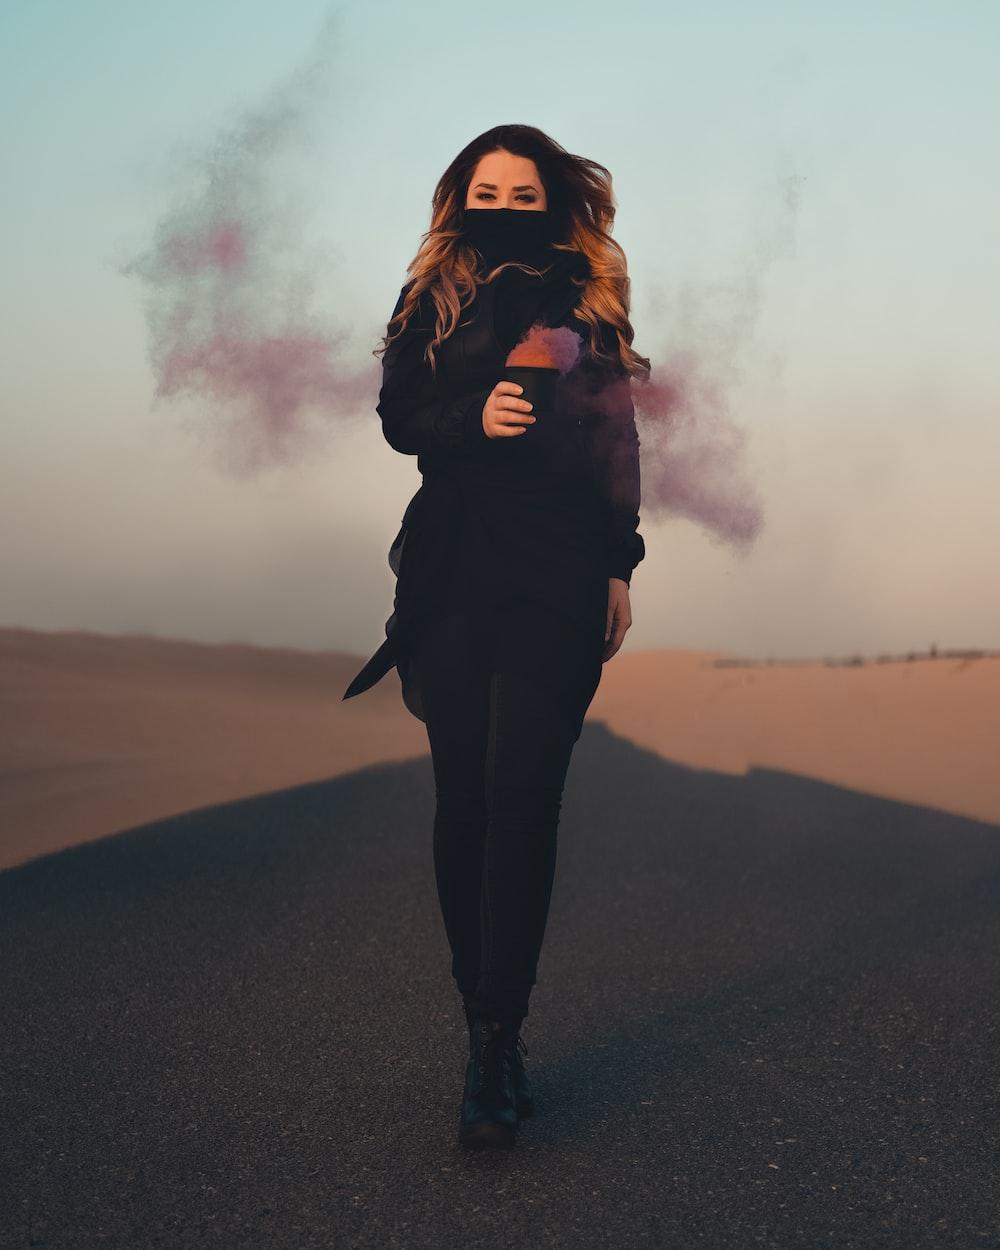 woman in black jacket standing on black asphalt road